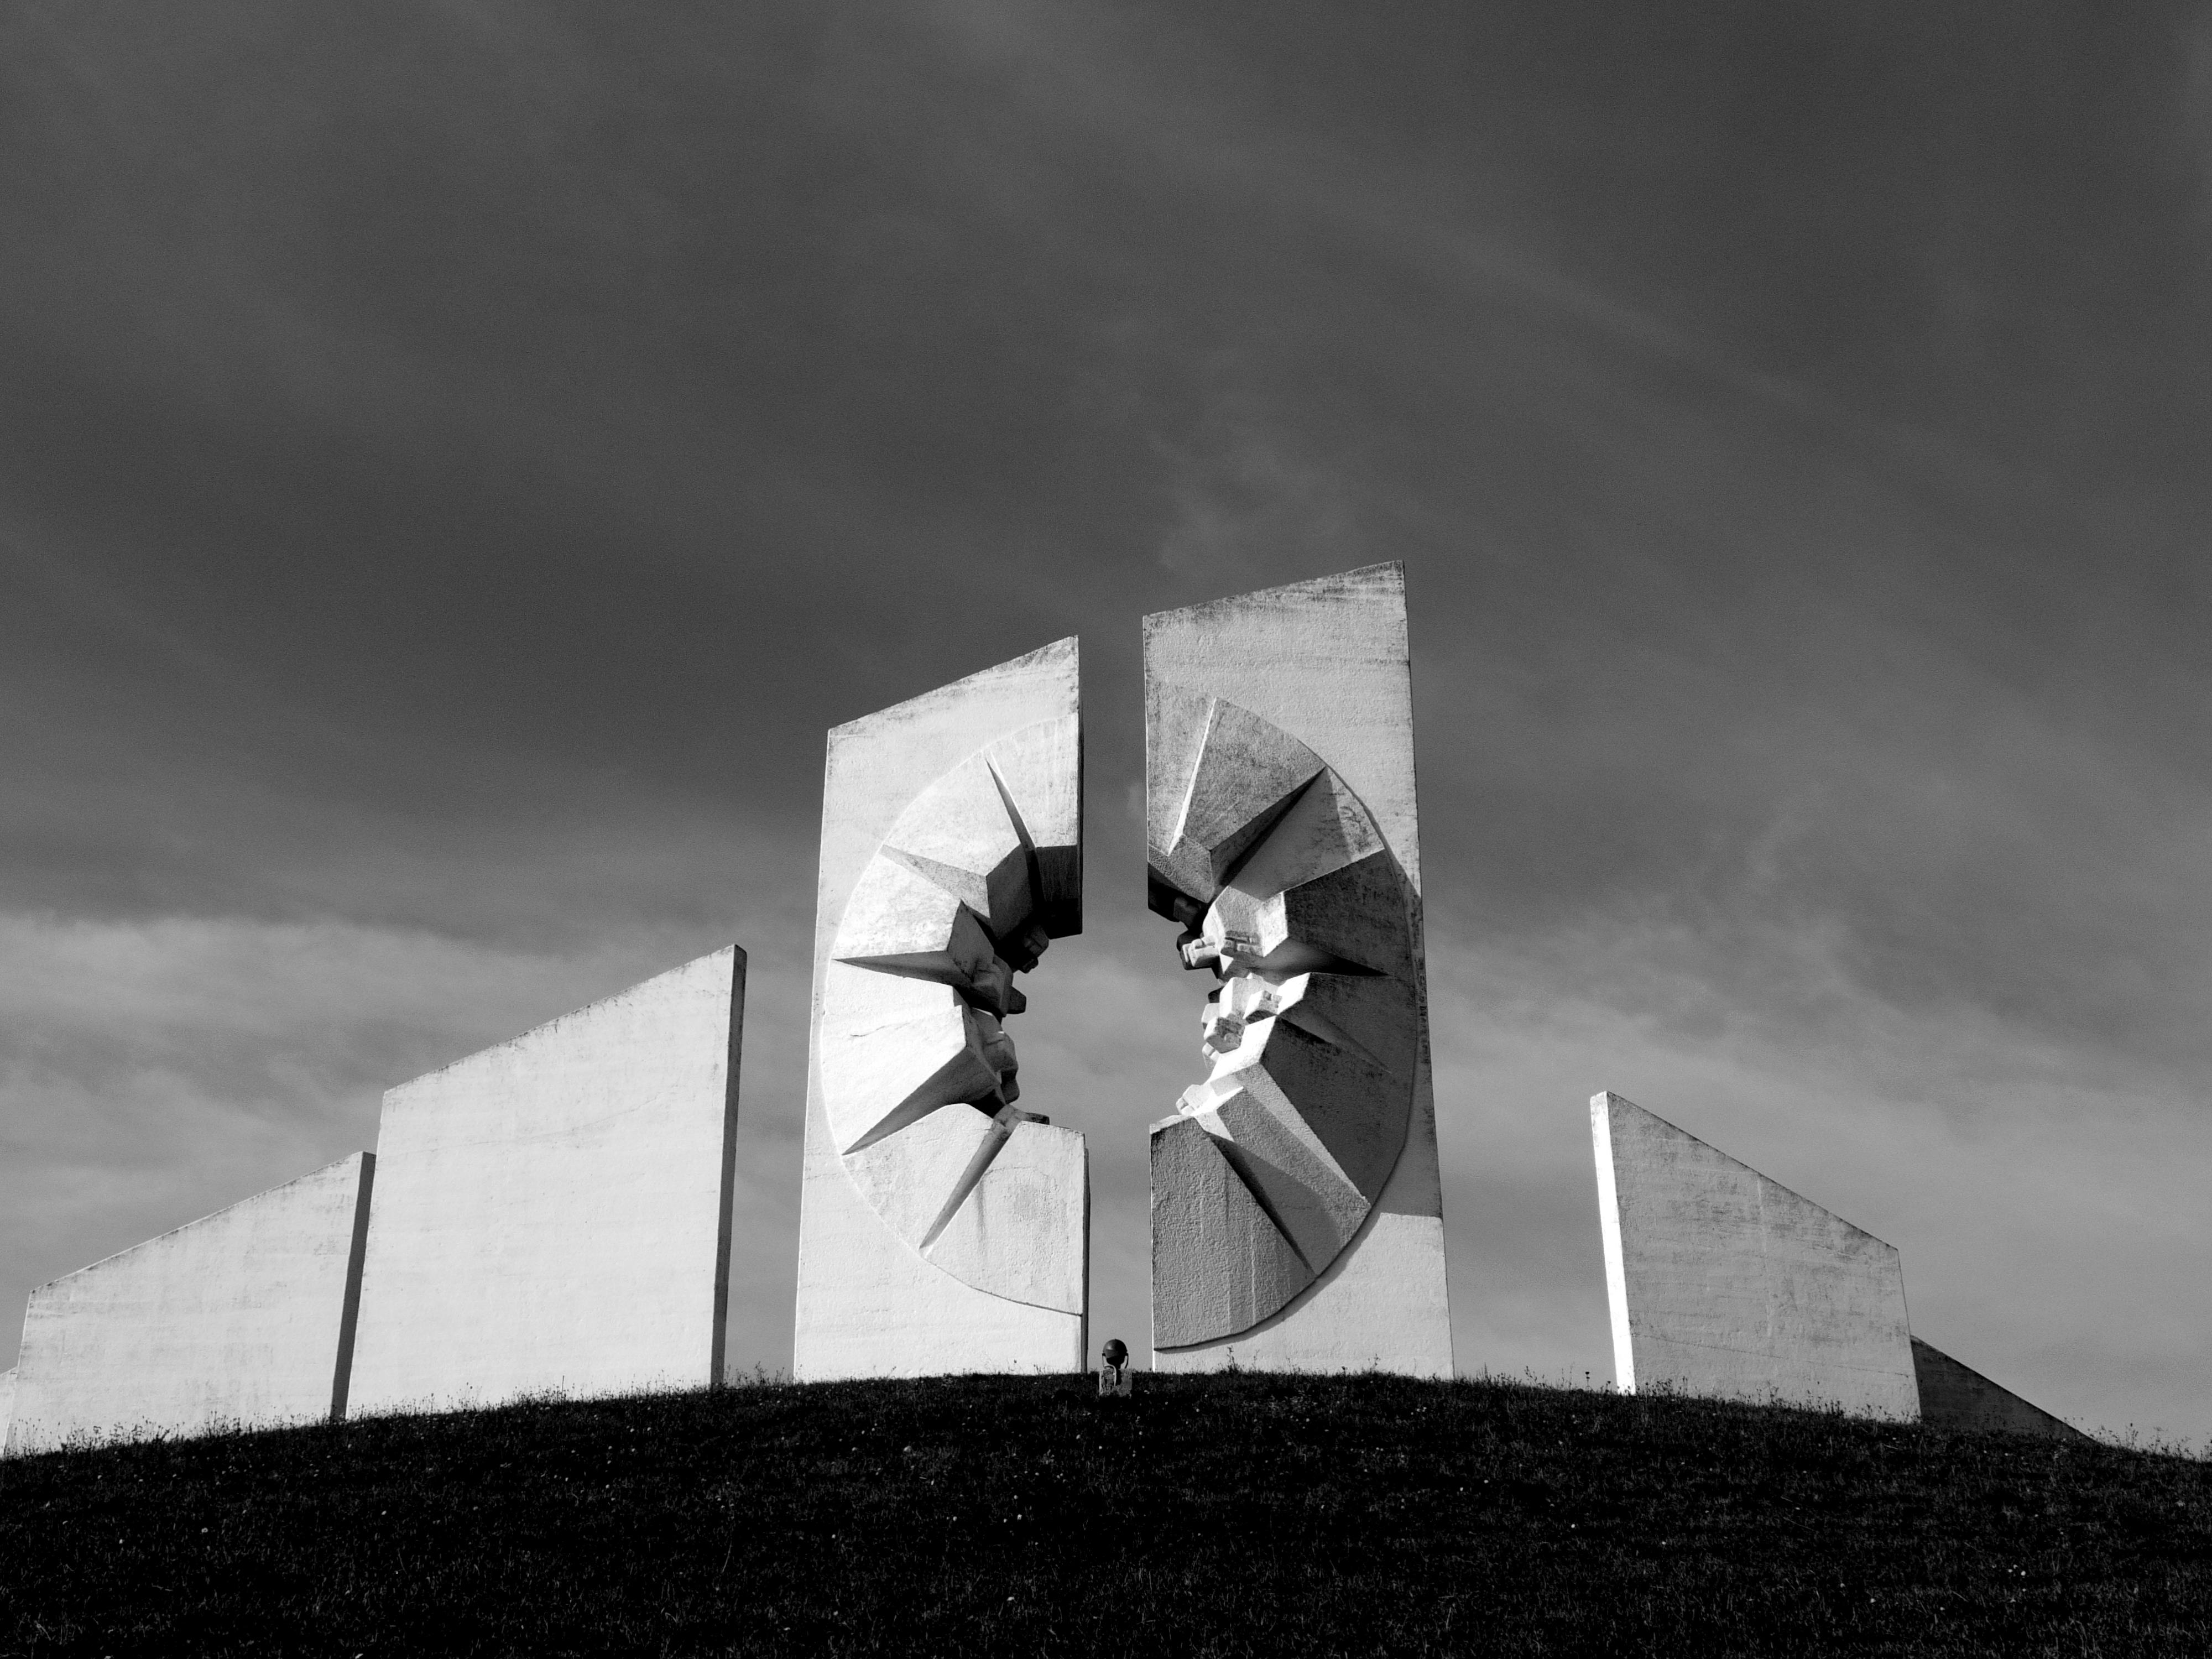 """セルビアのウジツェから謎の戦争記念塔のある""""カディニャチャ""""に行ってみた。"""